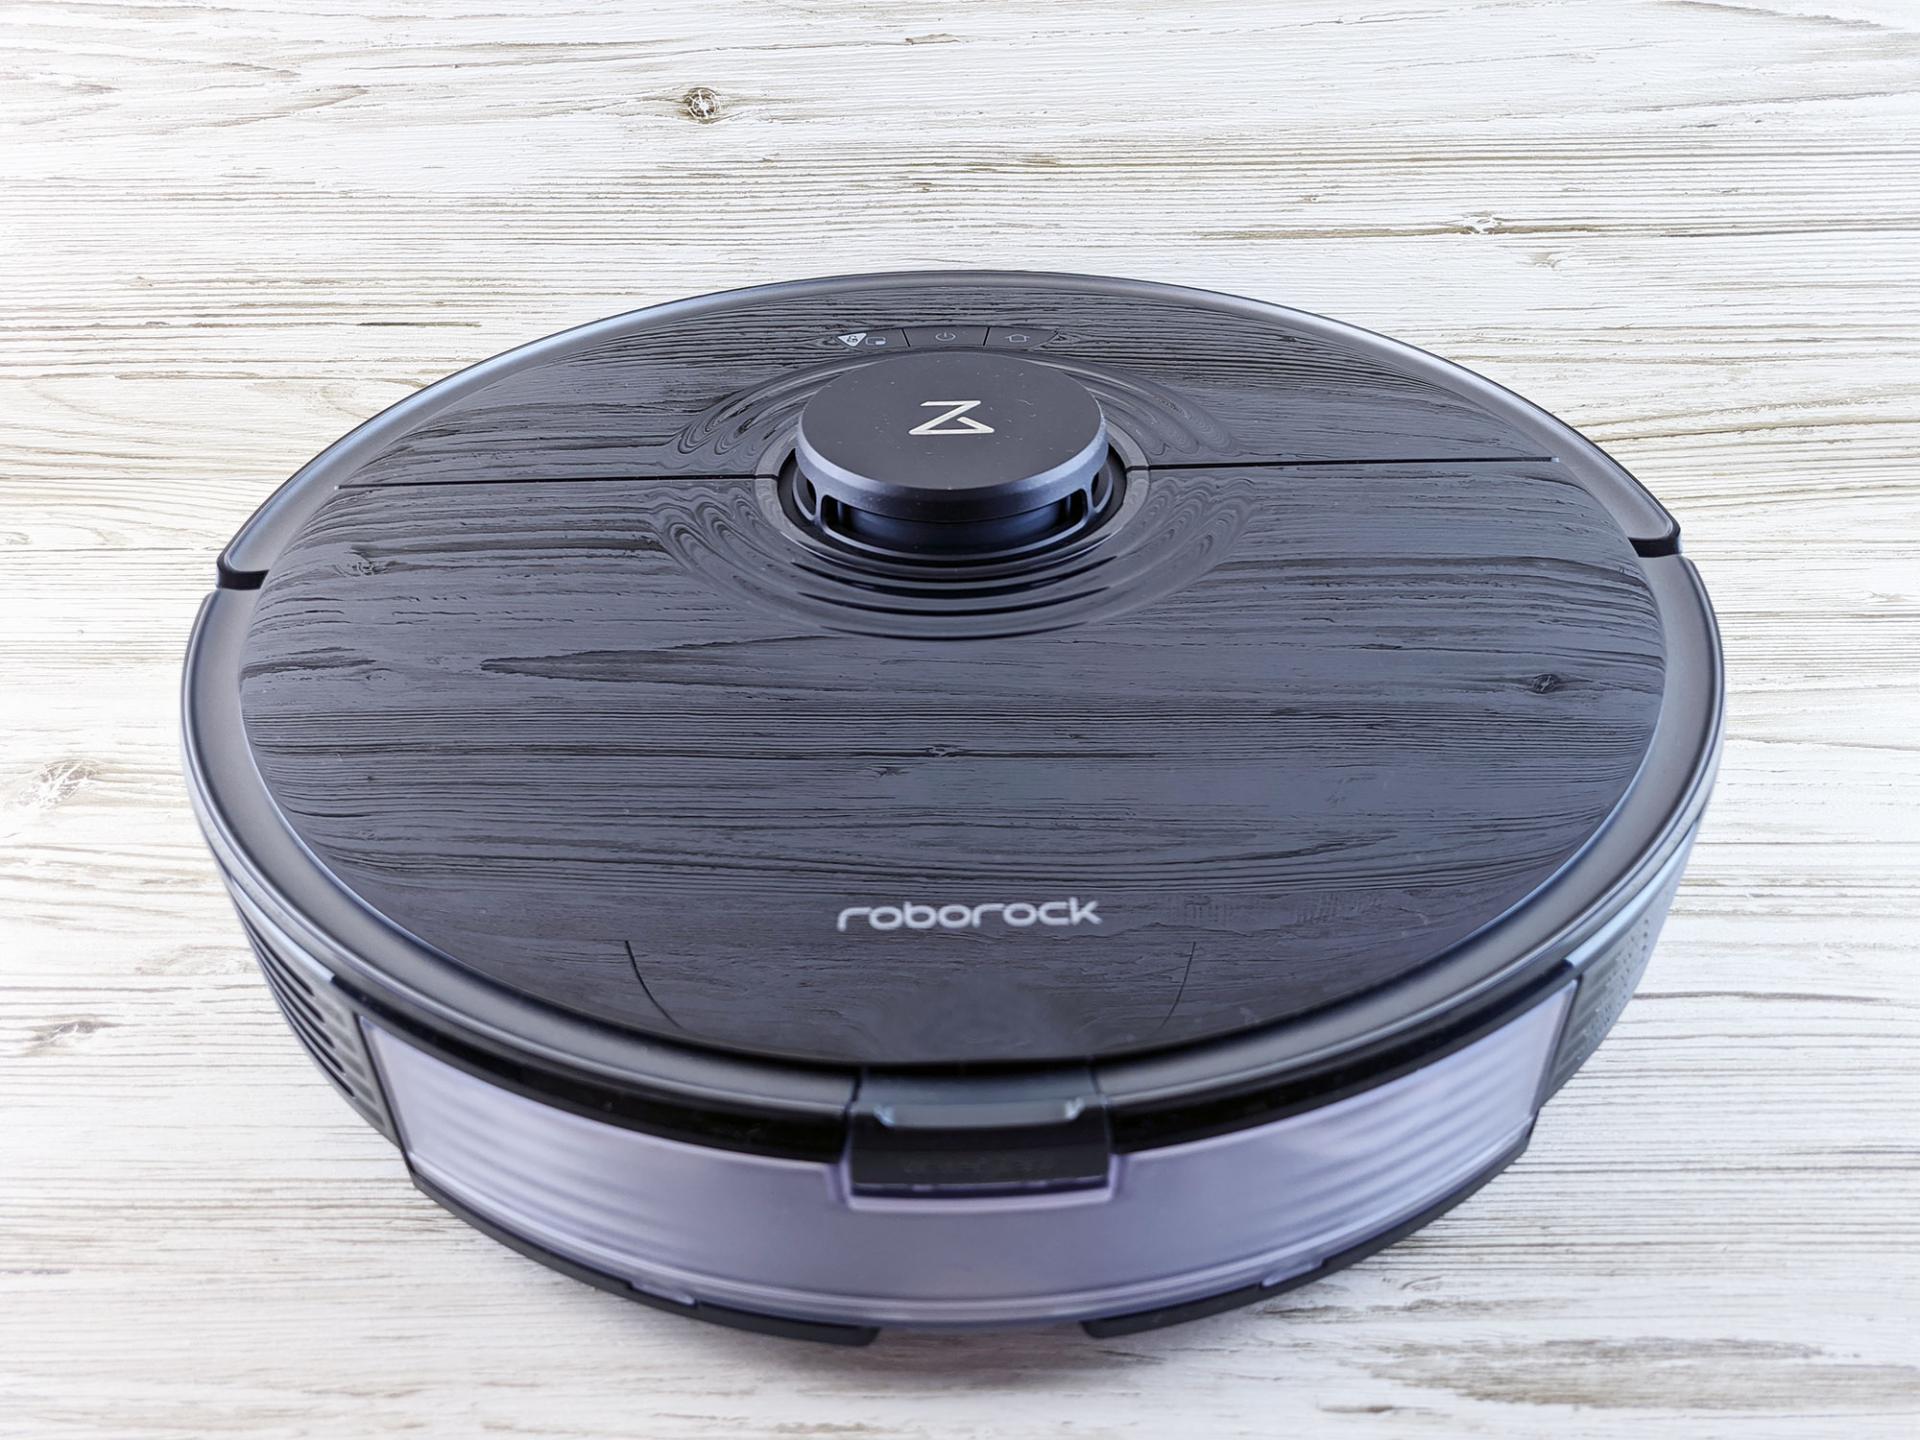 Тест-драйв робота-пылесоса Roborock S7